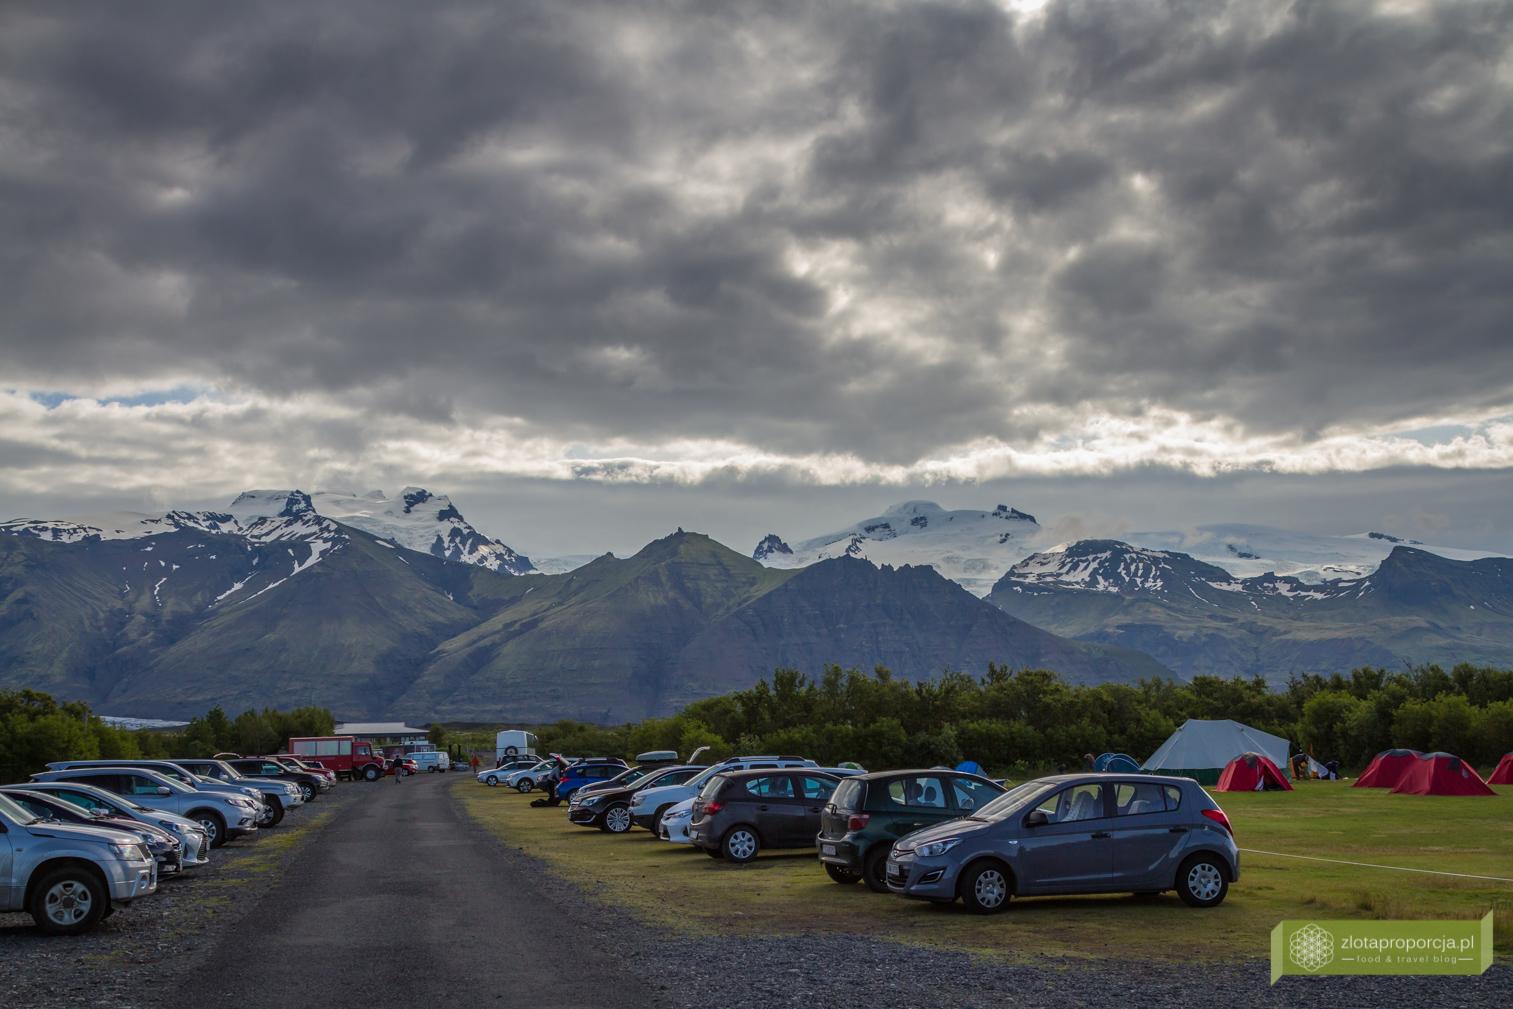 lodowiec Skaftafellsjokull,Skaftafell, lodowce na Islandii, Południowo-wschodnia Islandia, Islandia, Islandia atrakcje, Islandia ciekawe miejsca